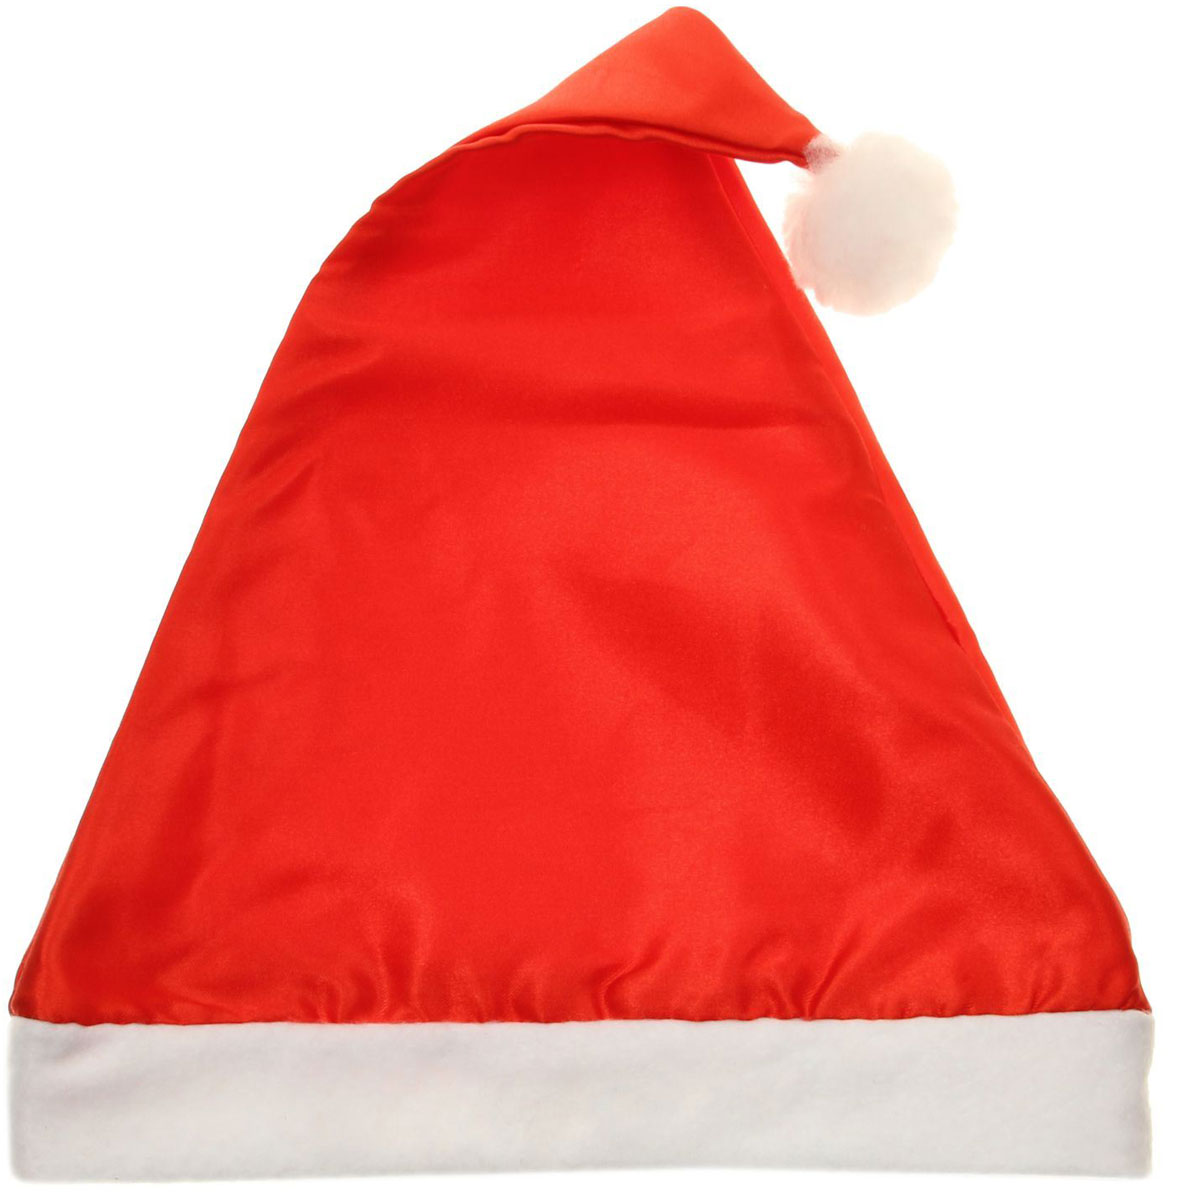 Колпак новогодний Точка, с блеском, цвет: красный703832Поддайтесь новогоднему веселью на полную катушку! Забавный колпак в секунду создаст праздничное настроение, будь то поздравление ребятишек или вечеринка с друзьями. Размер изделия универсальный: аксессуар подойдет как для ребенка, так и для взрослого. А мягкий текстиль позволит носить колпак с комфортом на протяжении всей новогодней ночи.